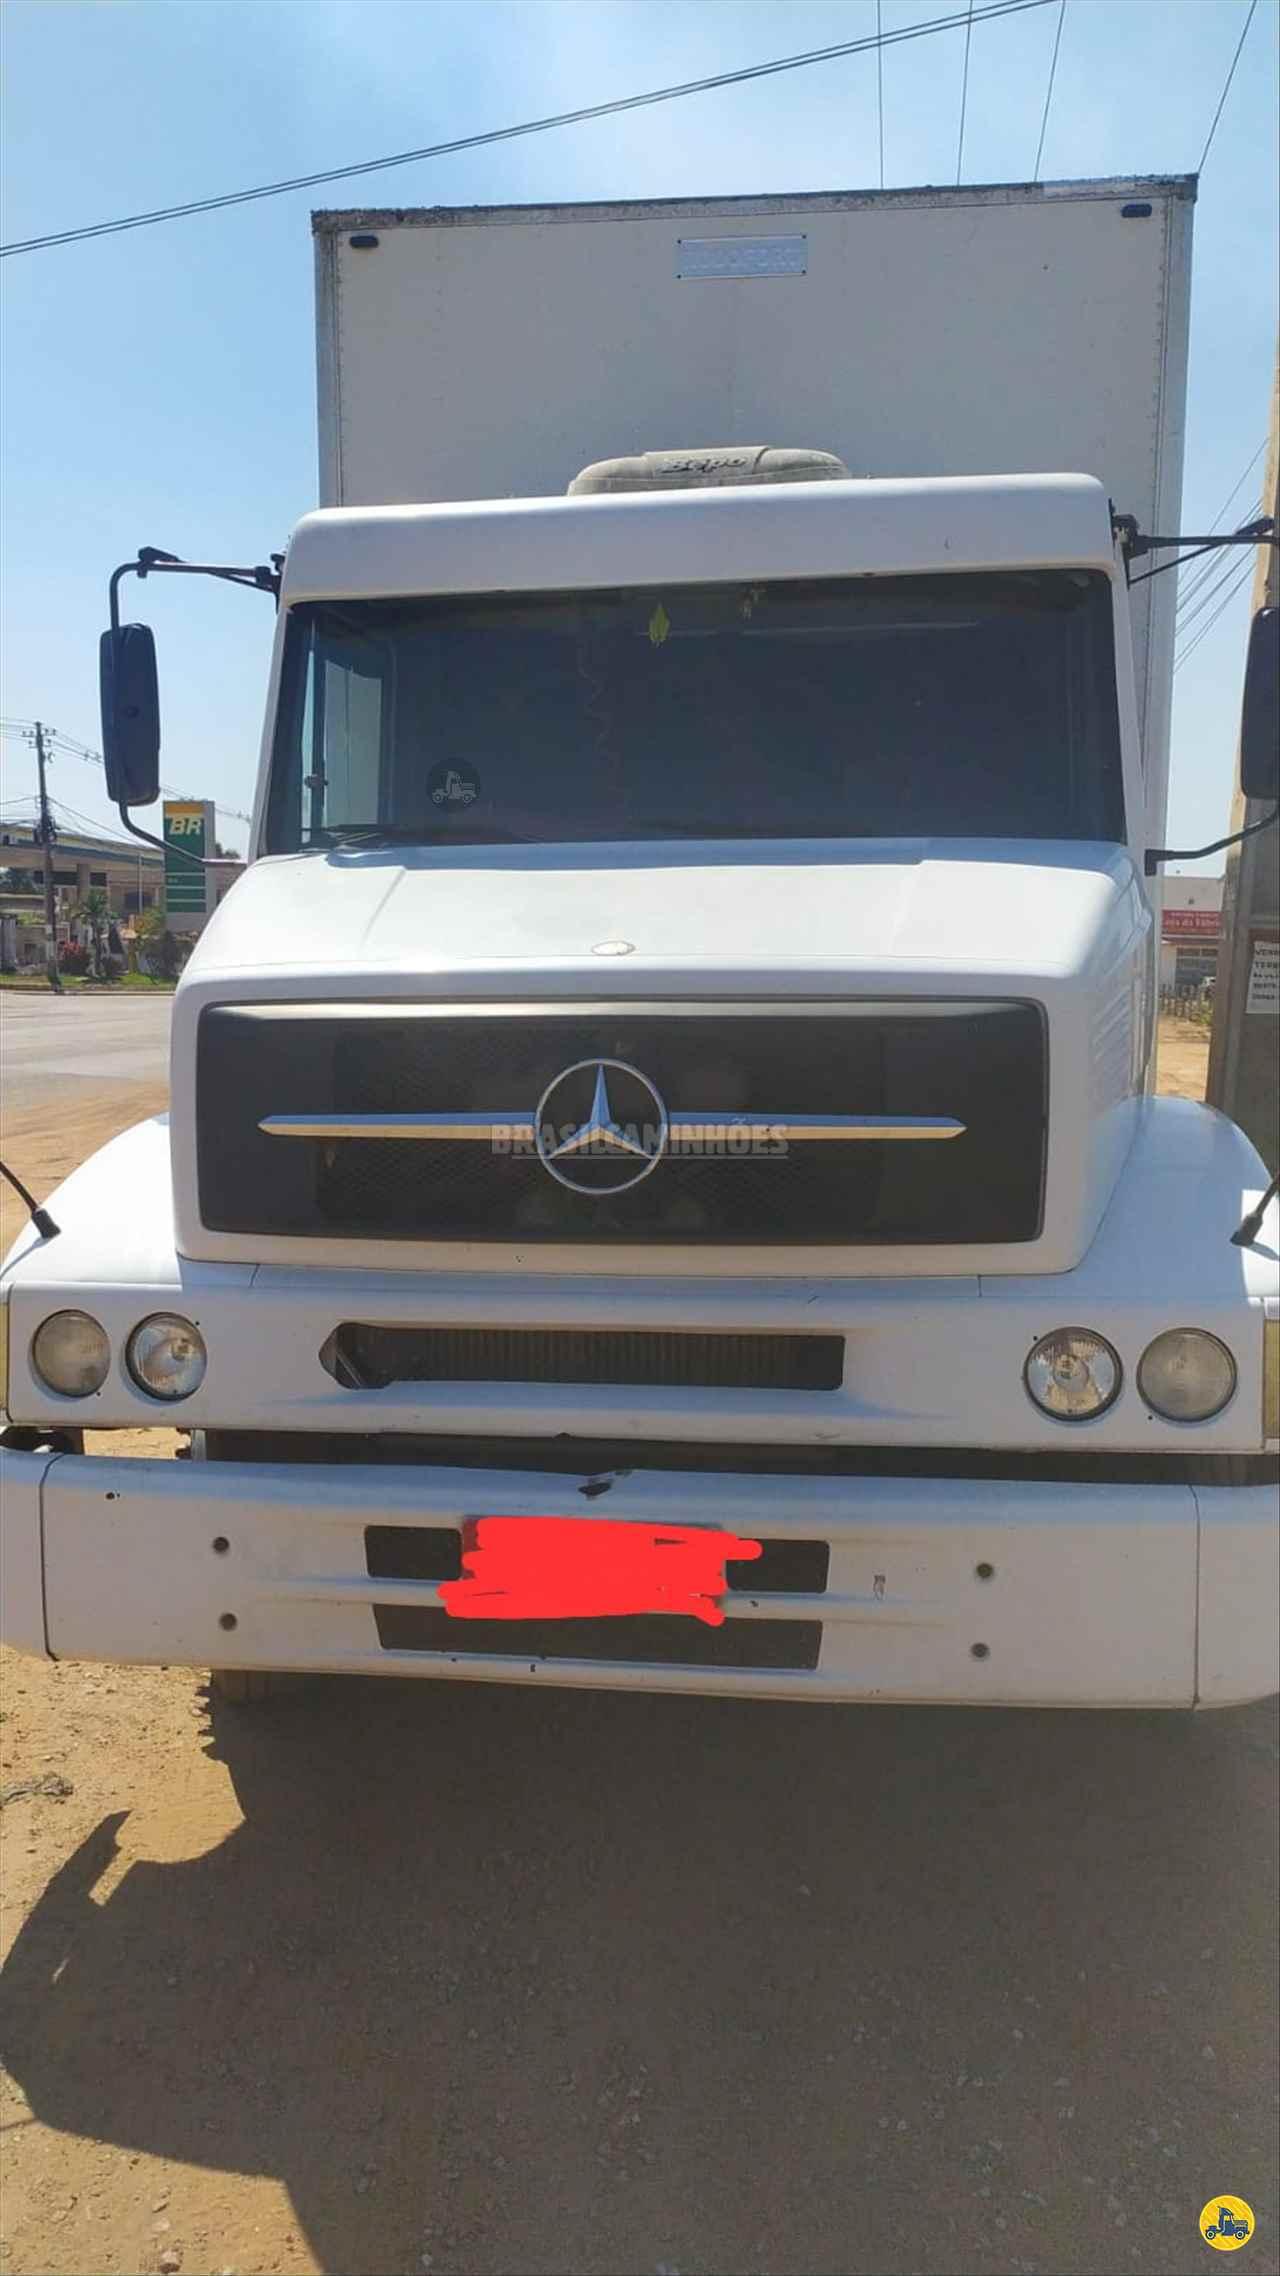 CAMINHAO MERCEDES-BENZ MB 1620 Baú Furgão Truck 6x2 Brasil Caminhões Sinop SINOP MATO GROSSO MT